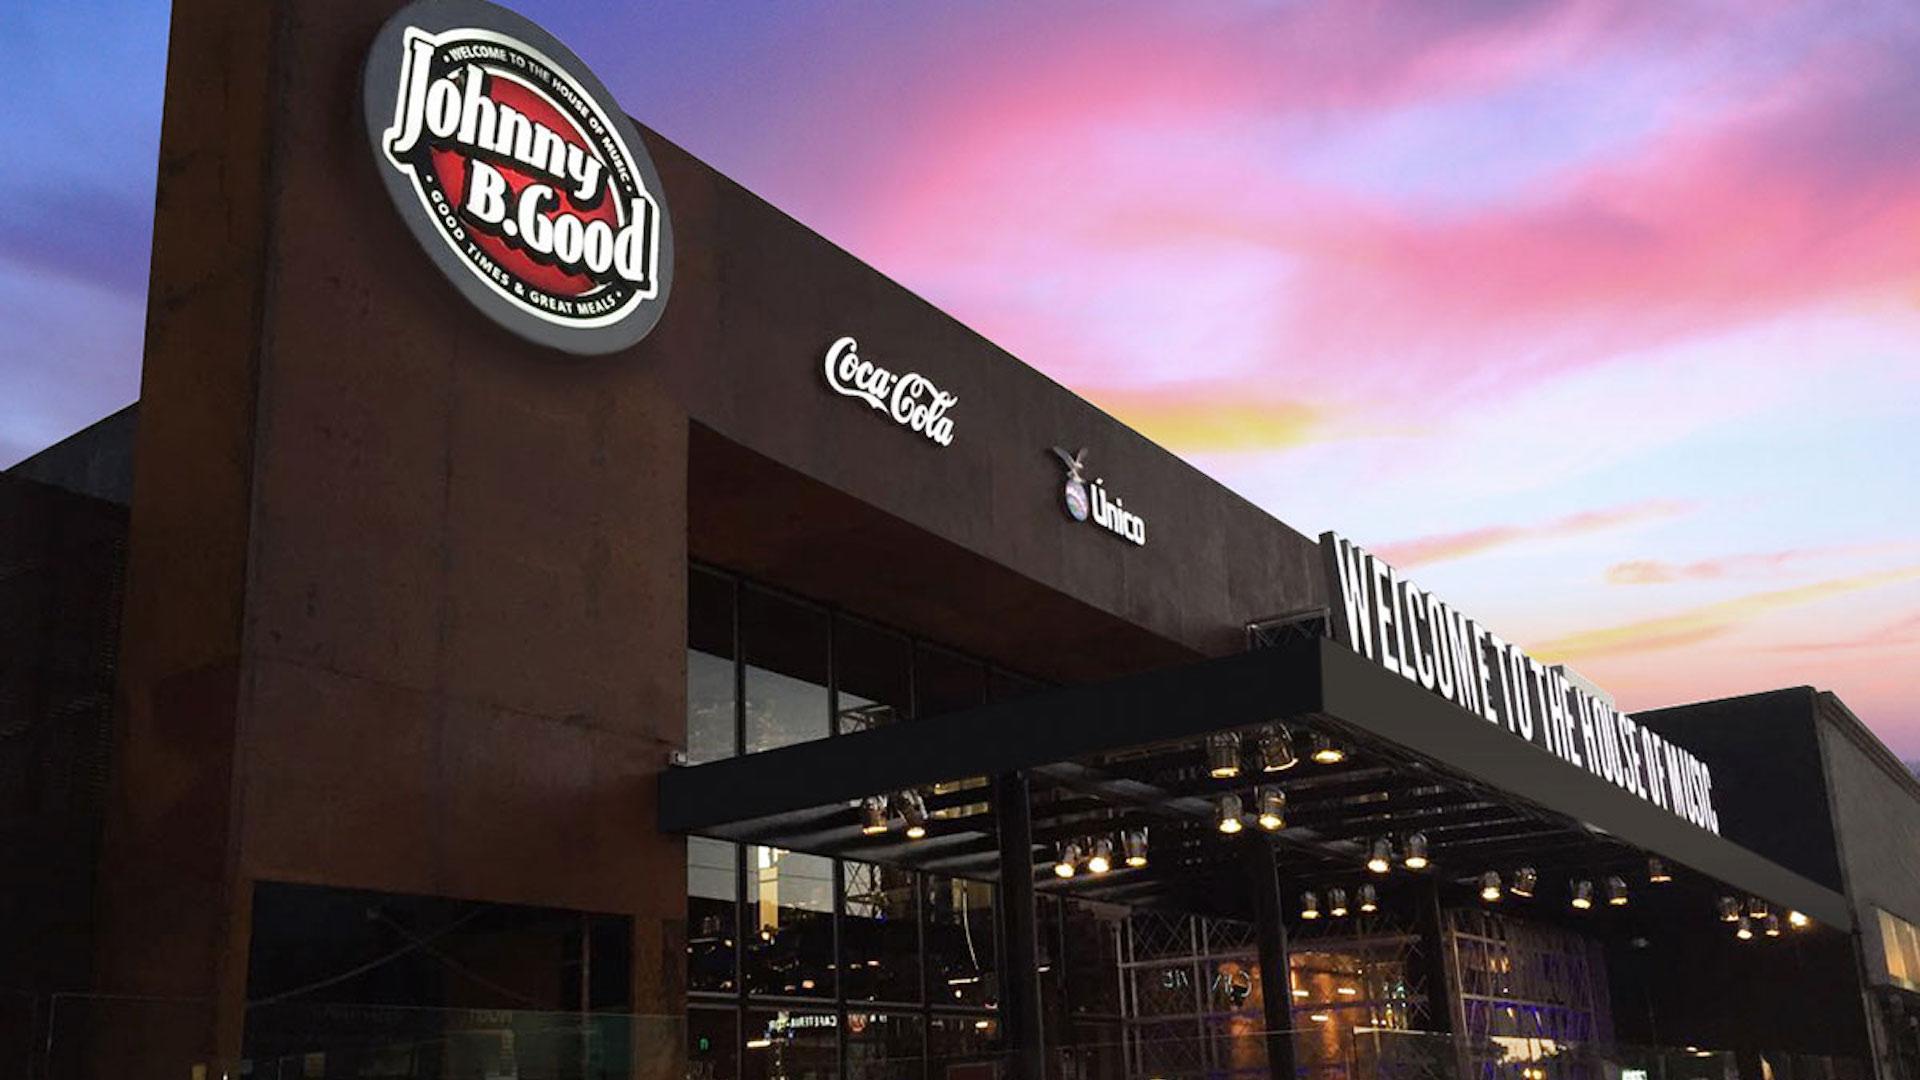 La cadena de restaurantes temáticos musicales Johnny B. Good abre más locales en Argentina y llega a Chile y Uruguay